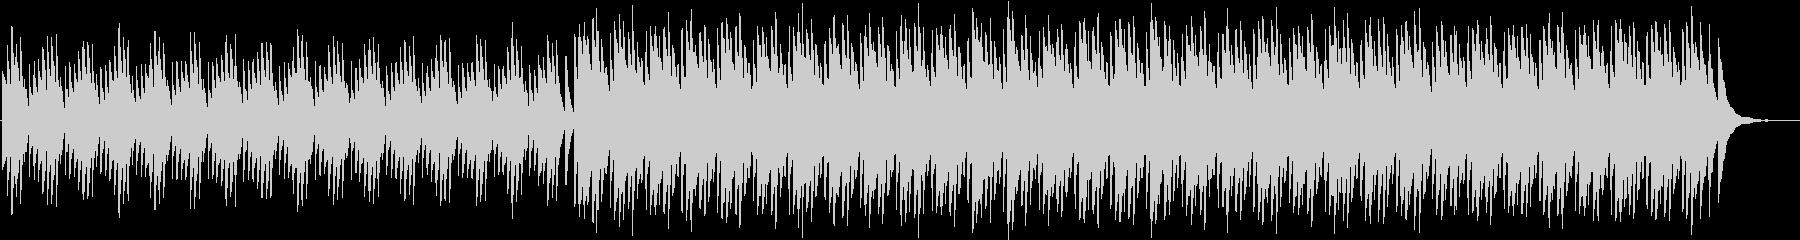 「澄んだ映像向き」ゆるやかなピアノの未再生の波形